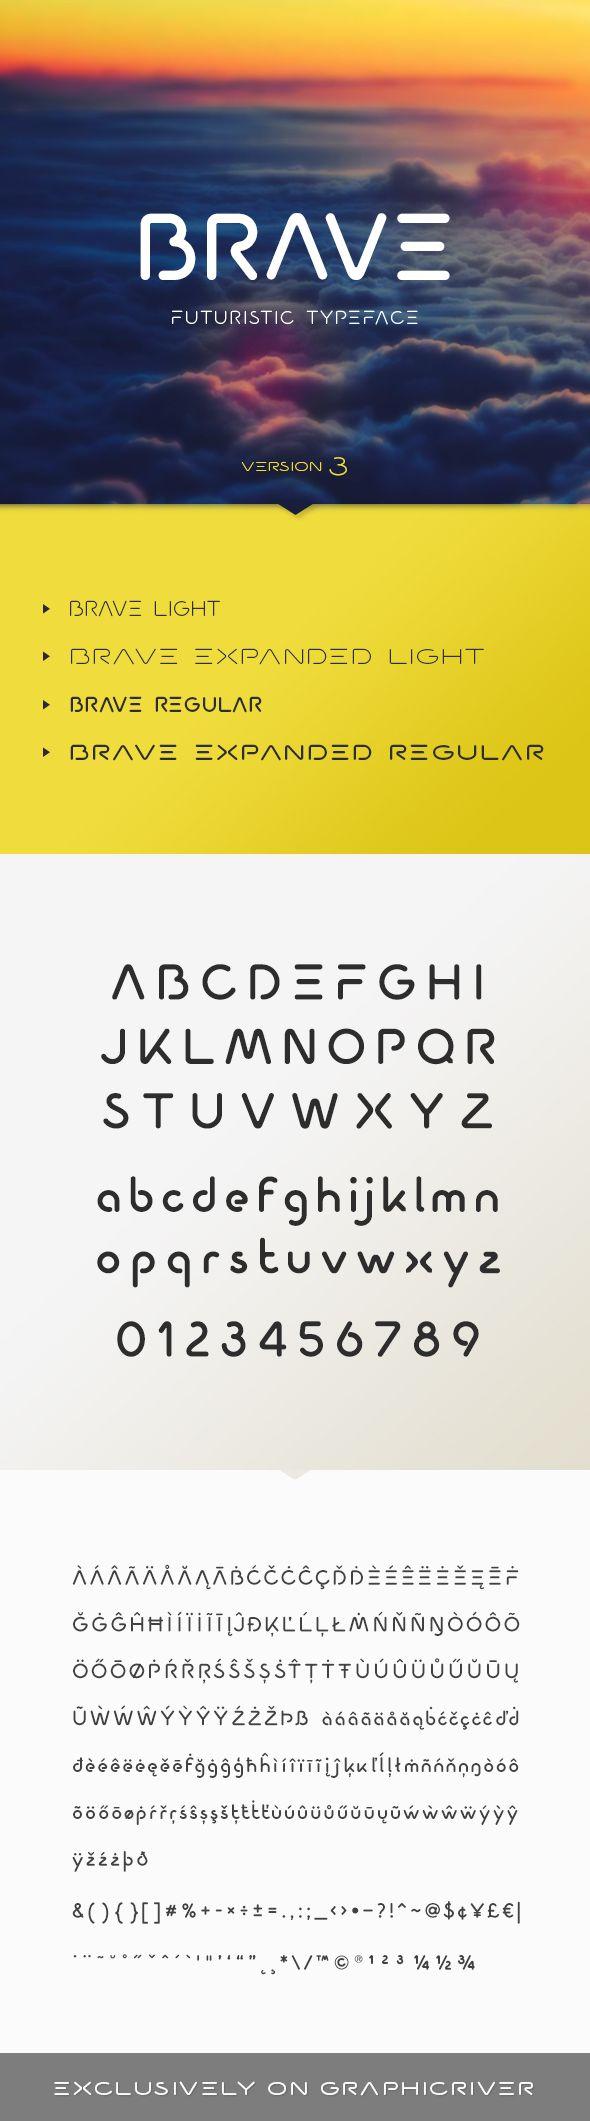 Pin by Irawan Setiadi on Fonts | Futuristic fonts, Geometric font